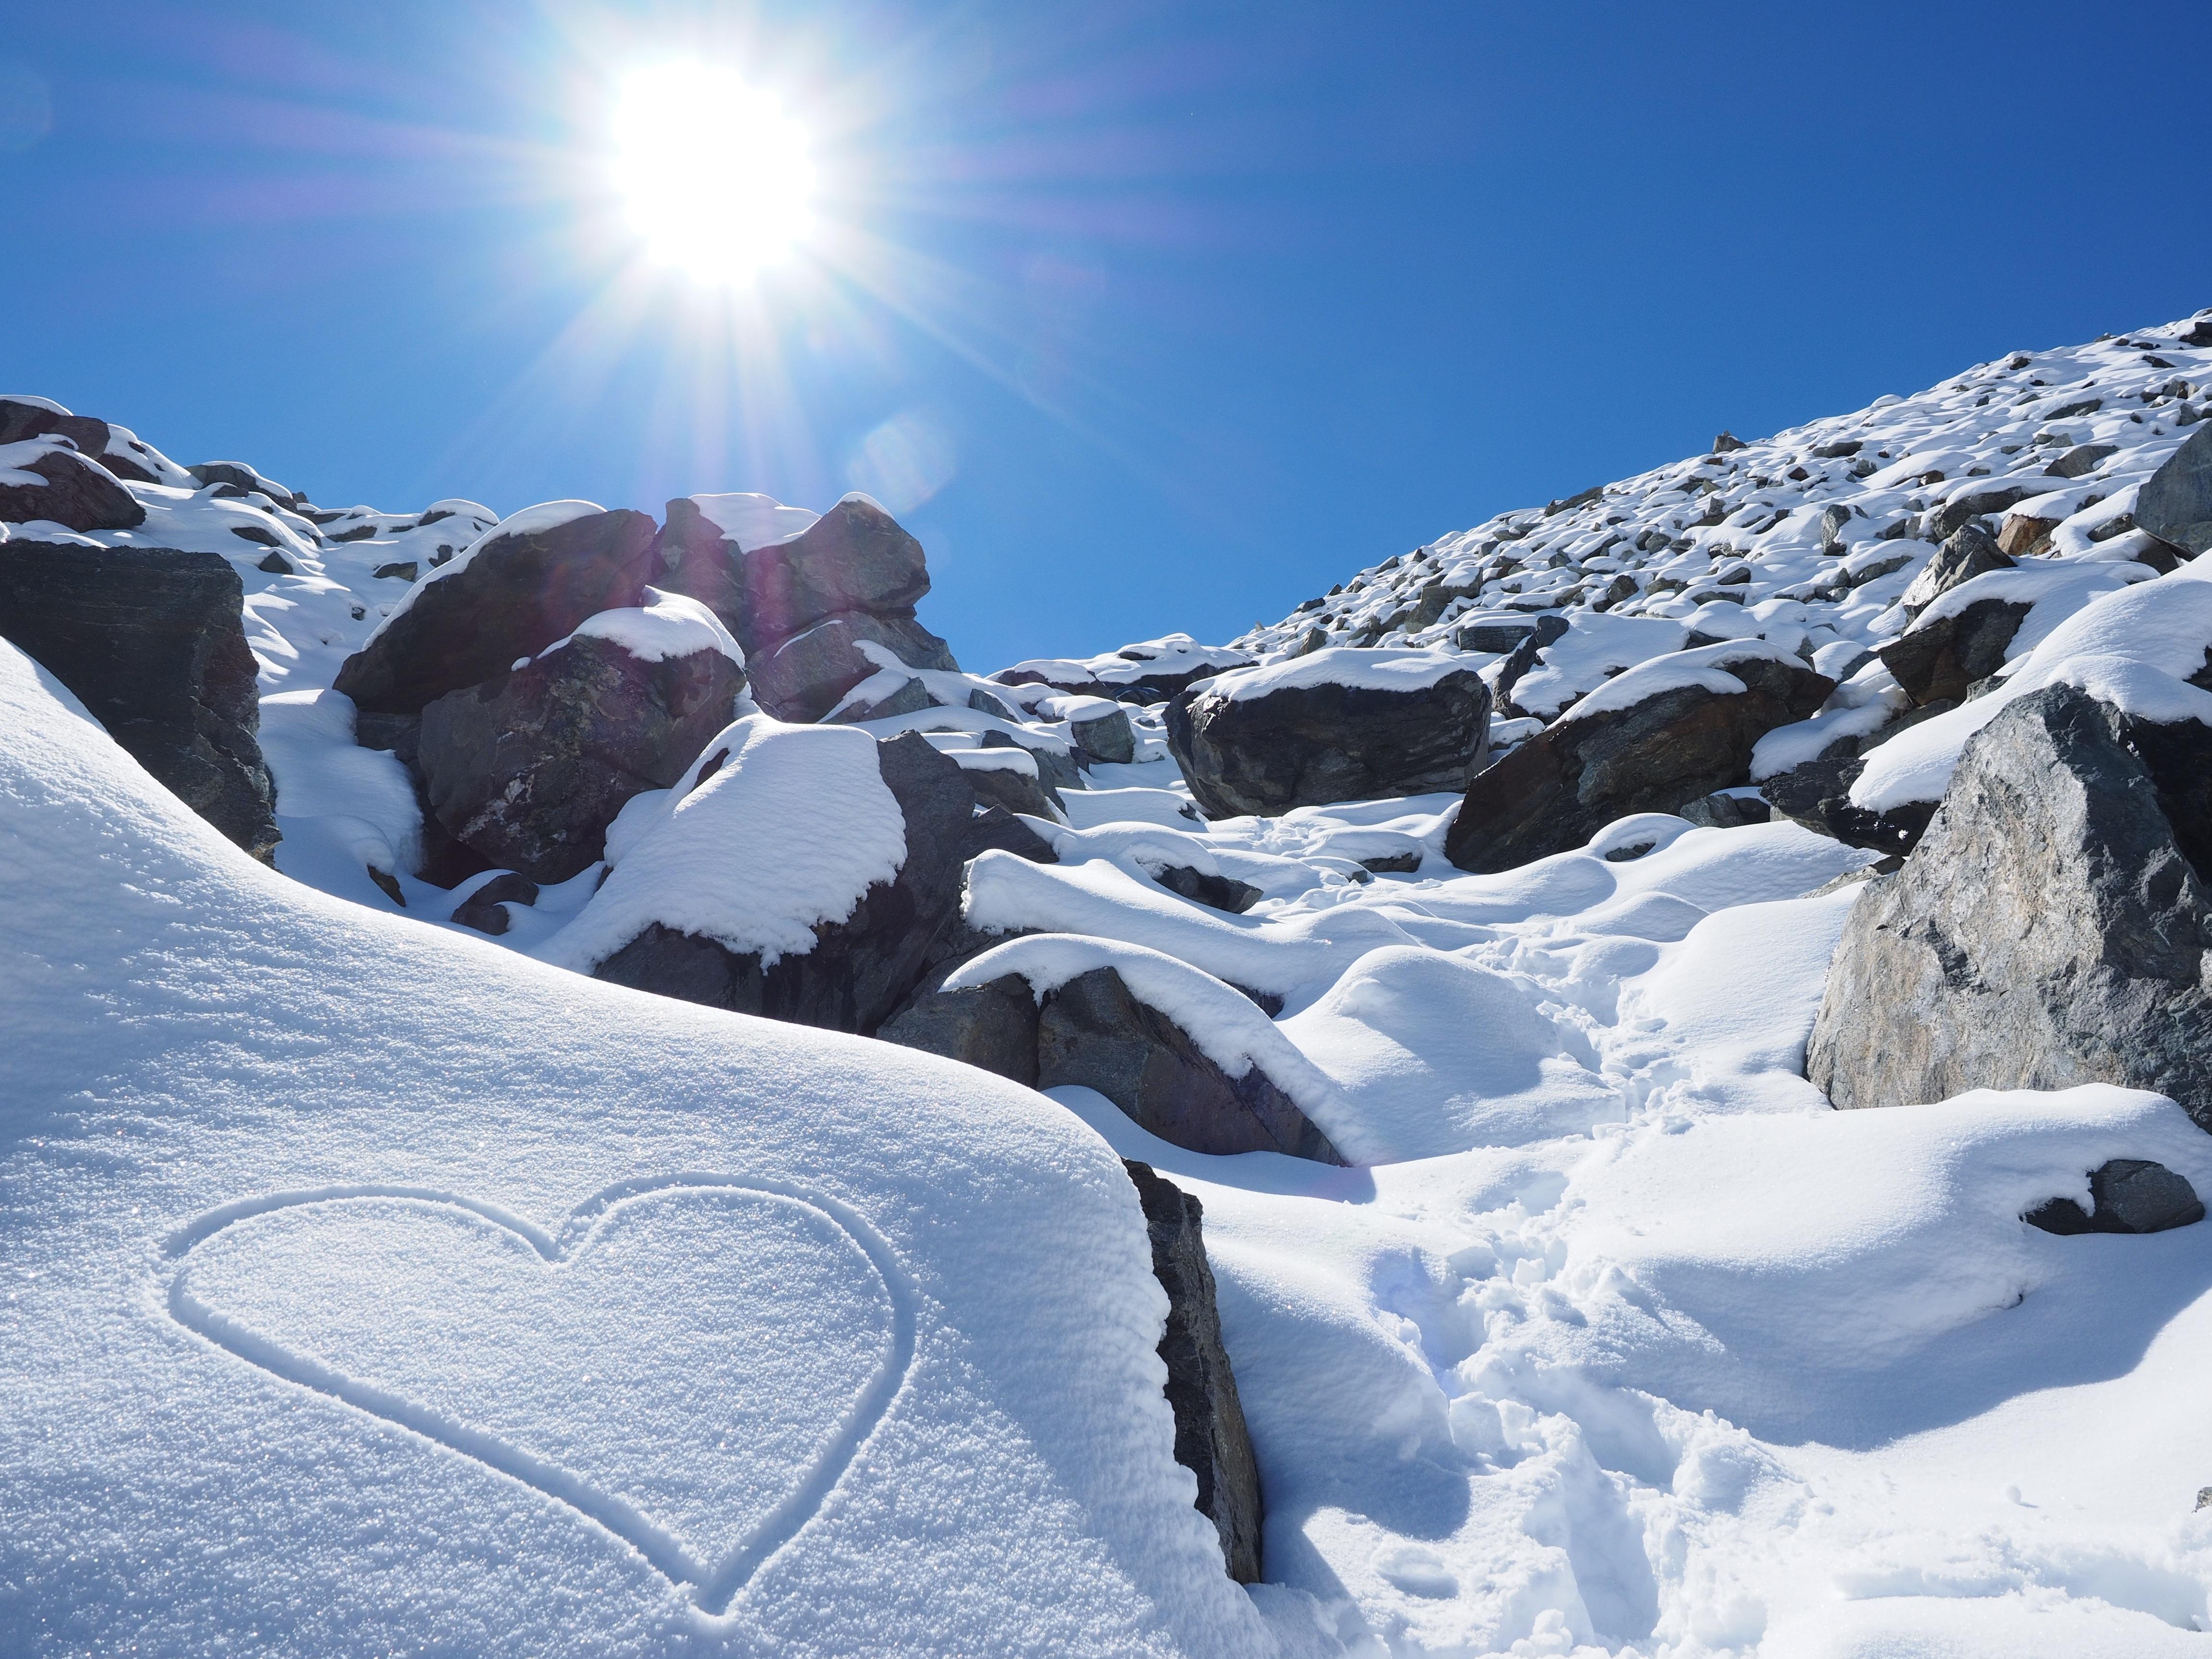 снег камни гора snow stones mountain бесплатно